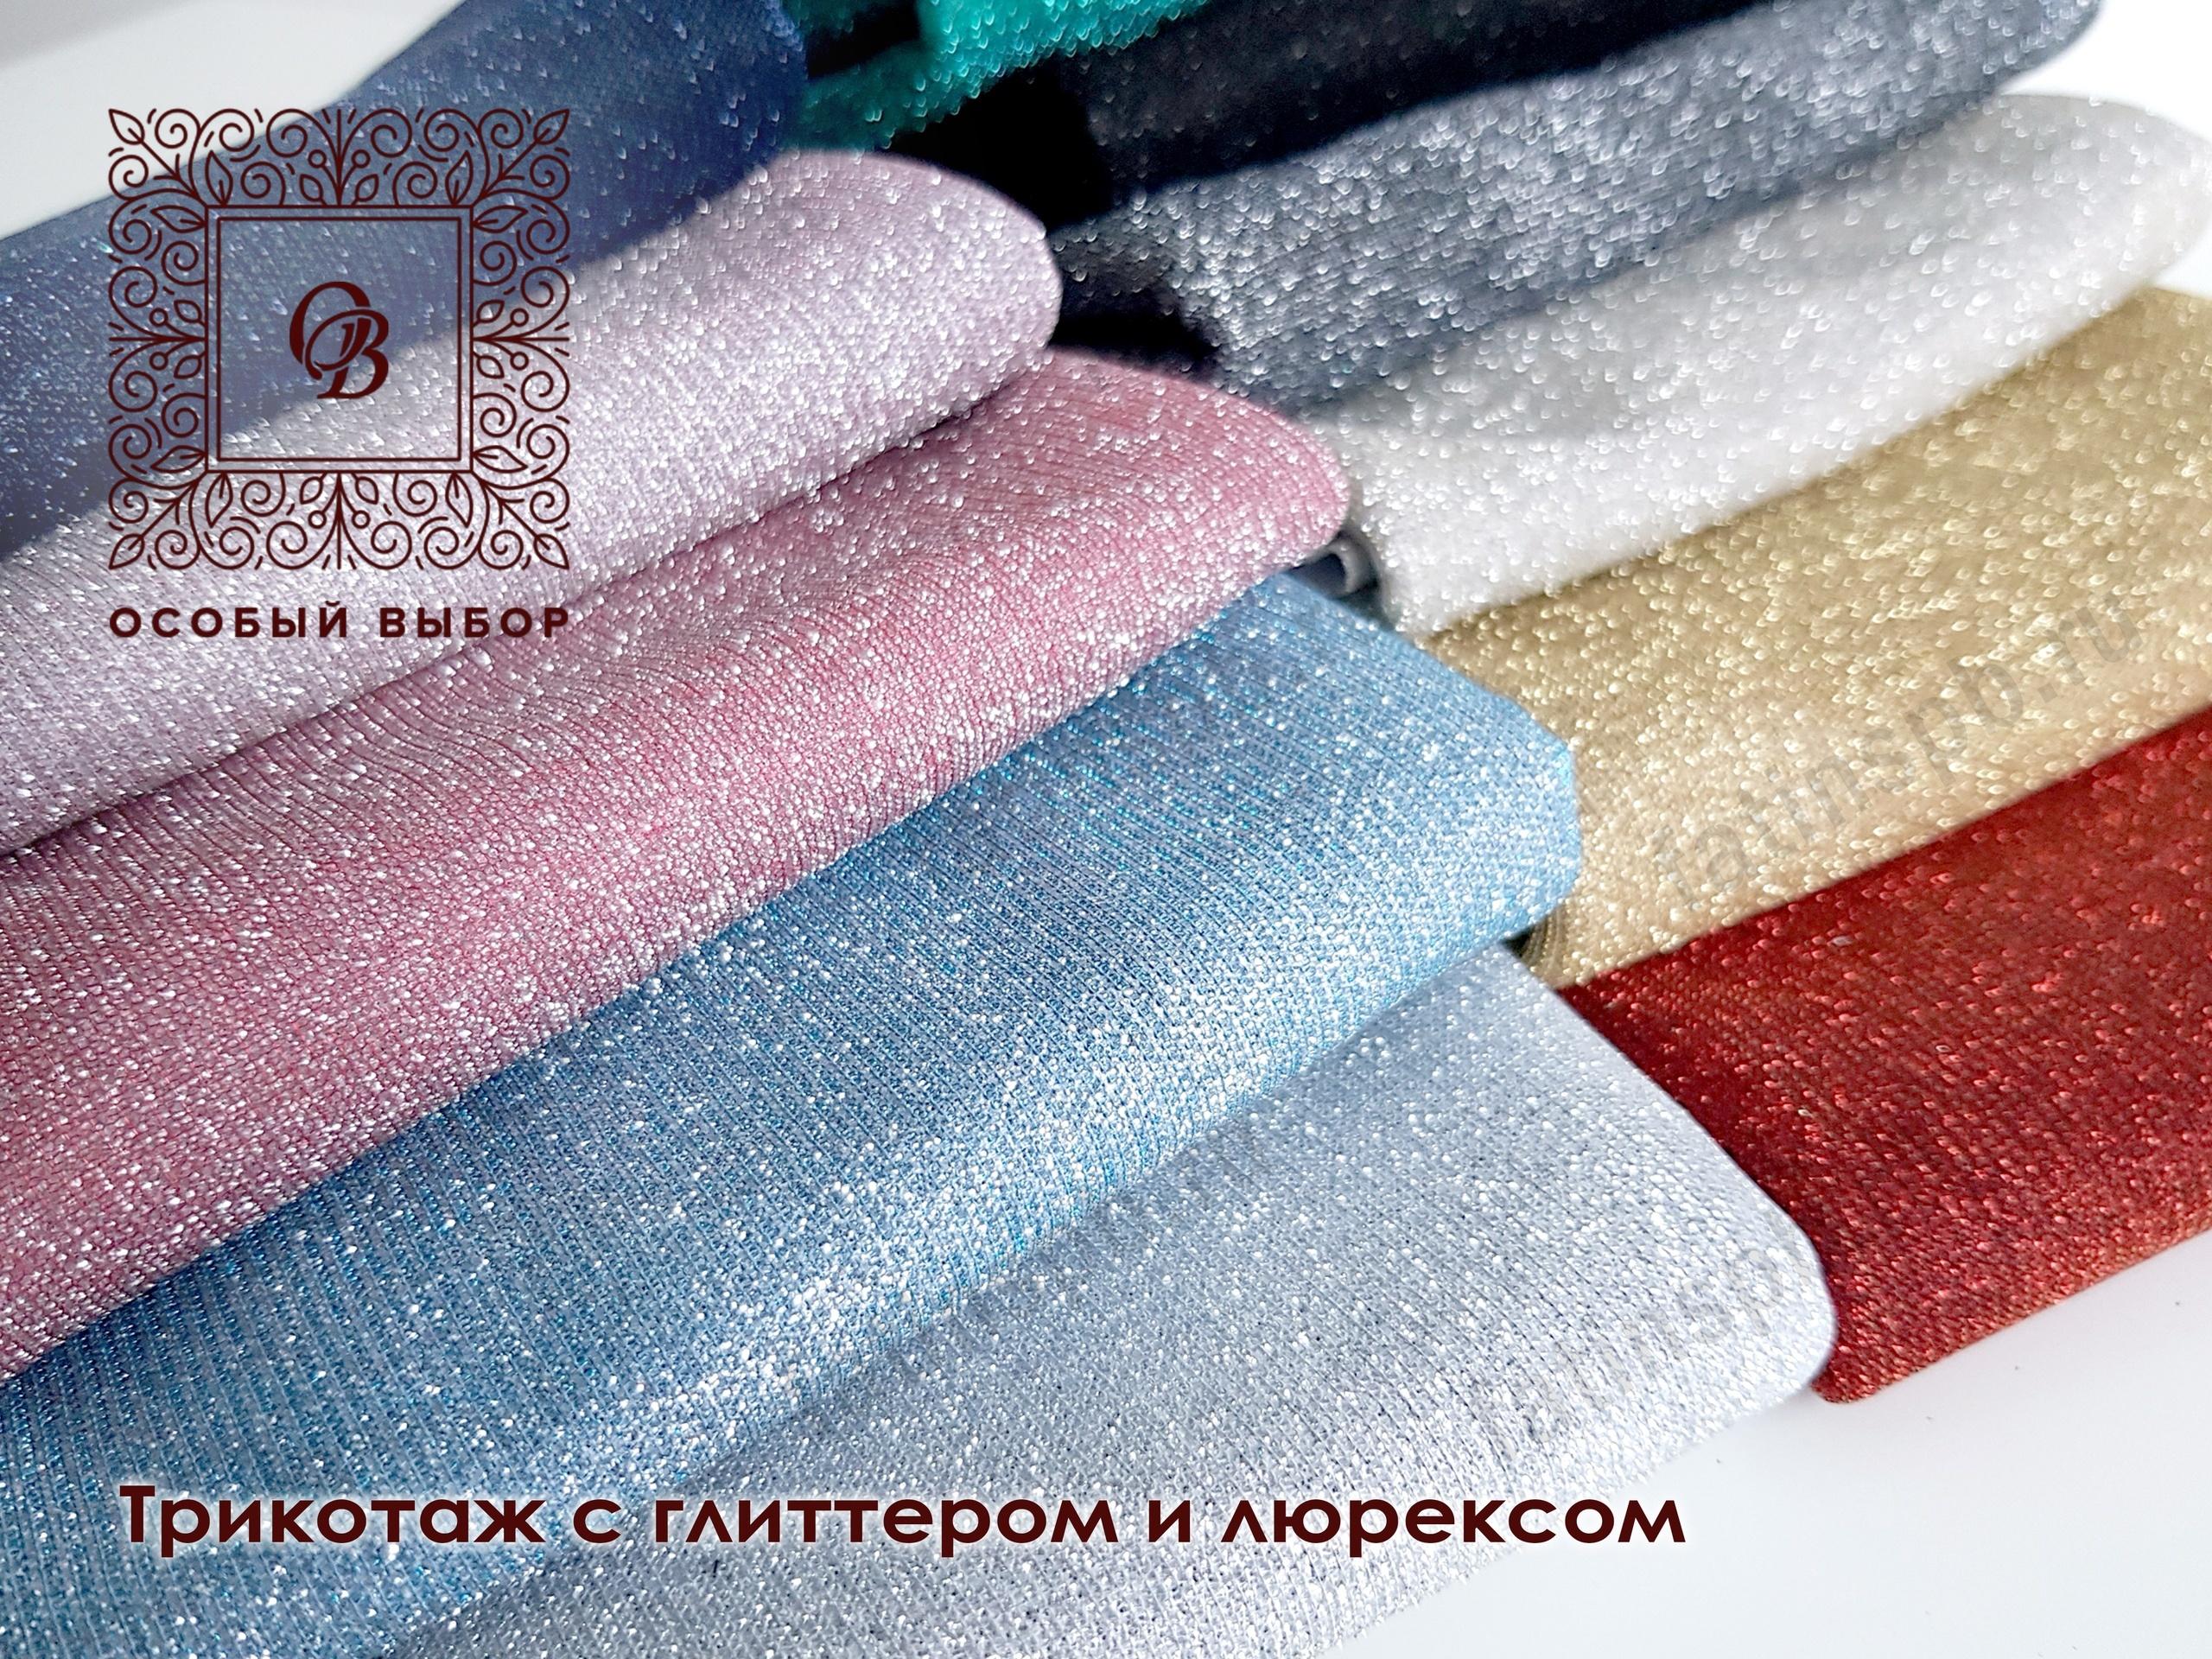 Глиттер для ткани купить в спб ткани х б иваново купить